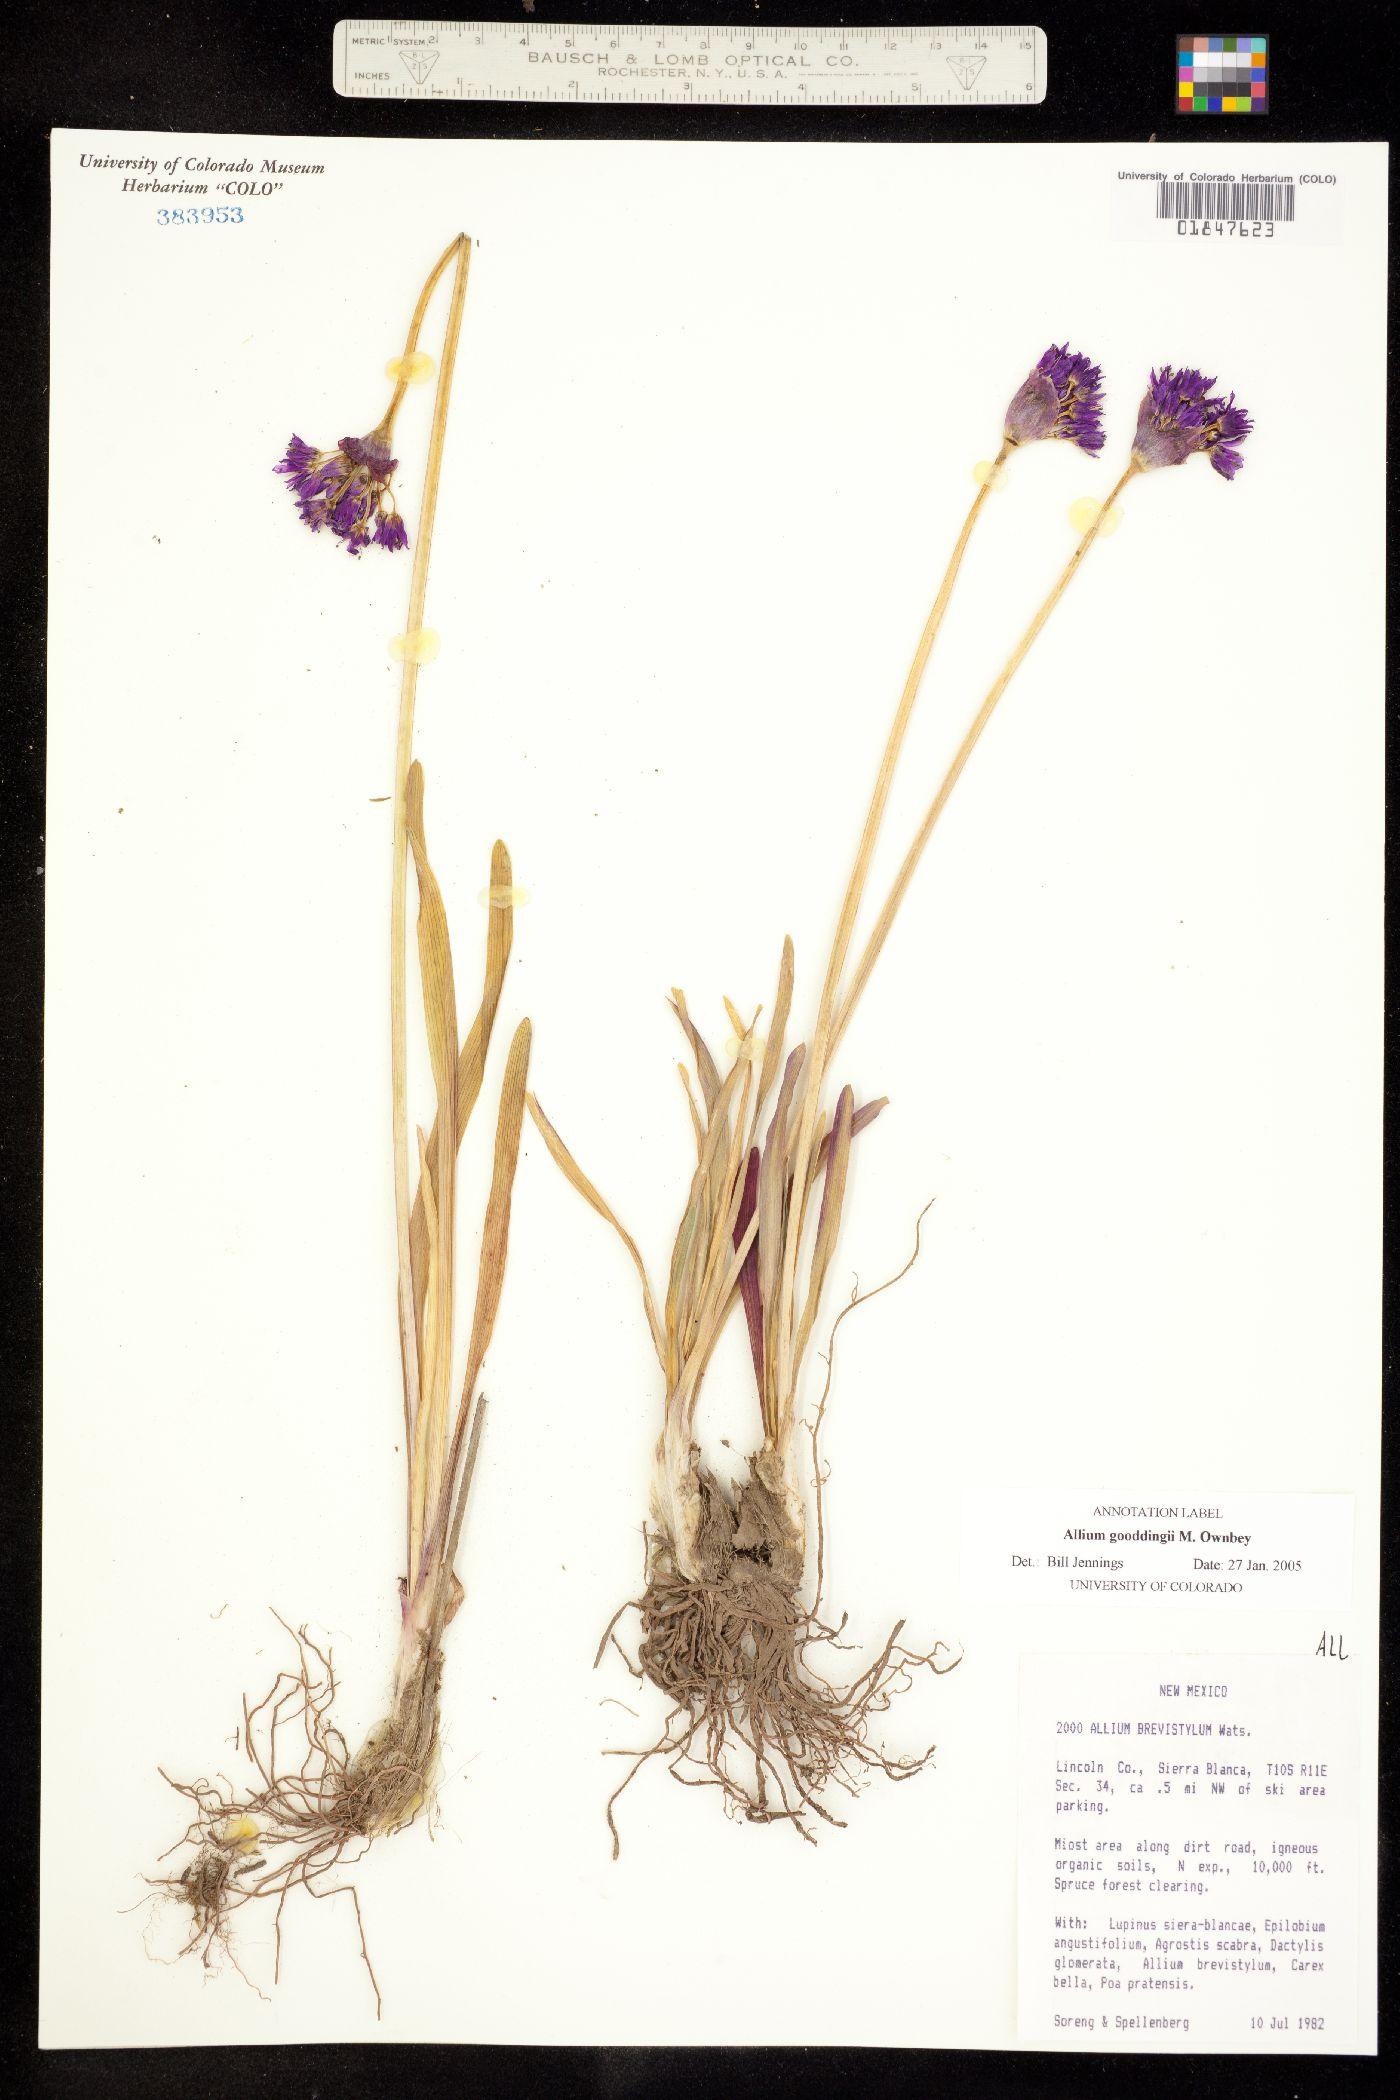 Allium gooddingii image